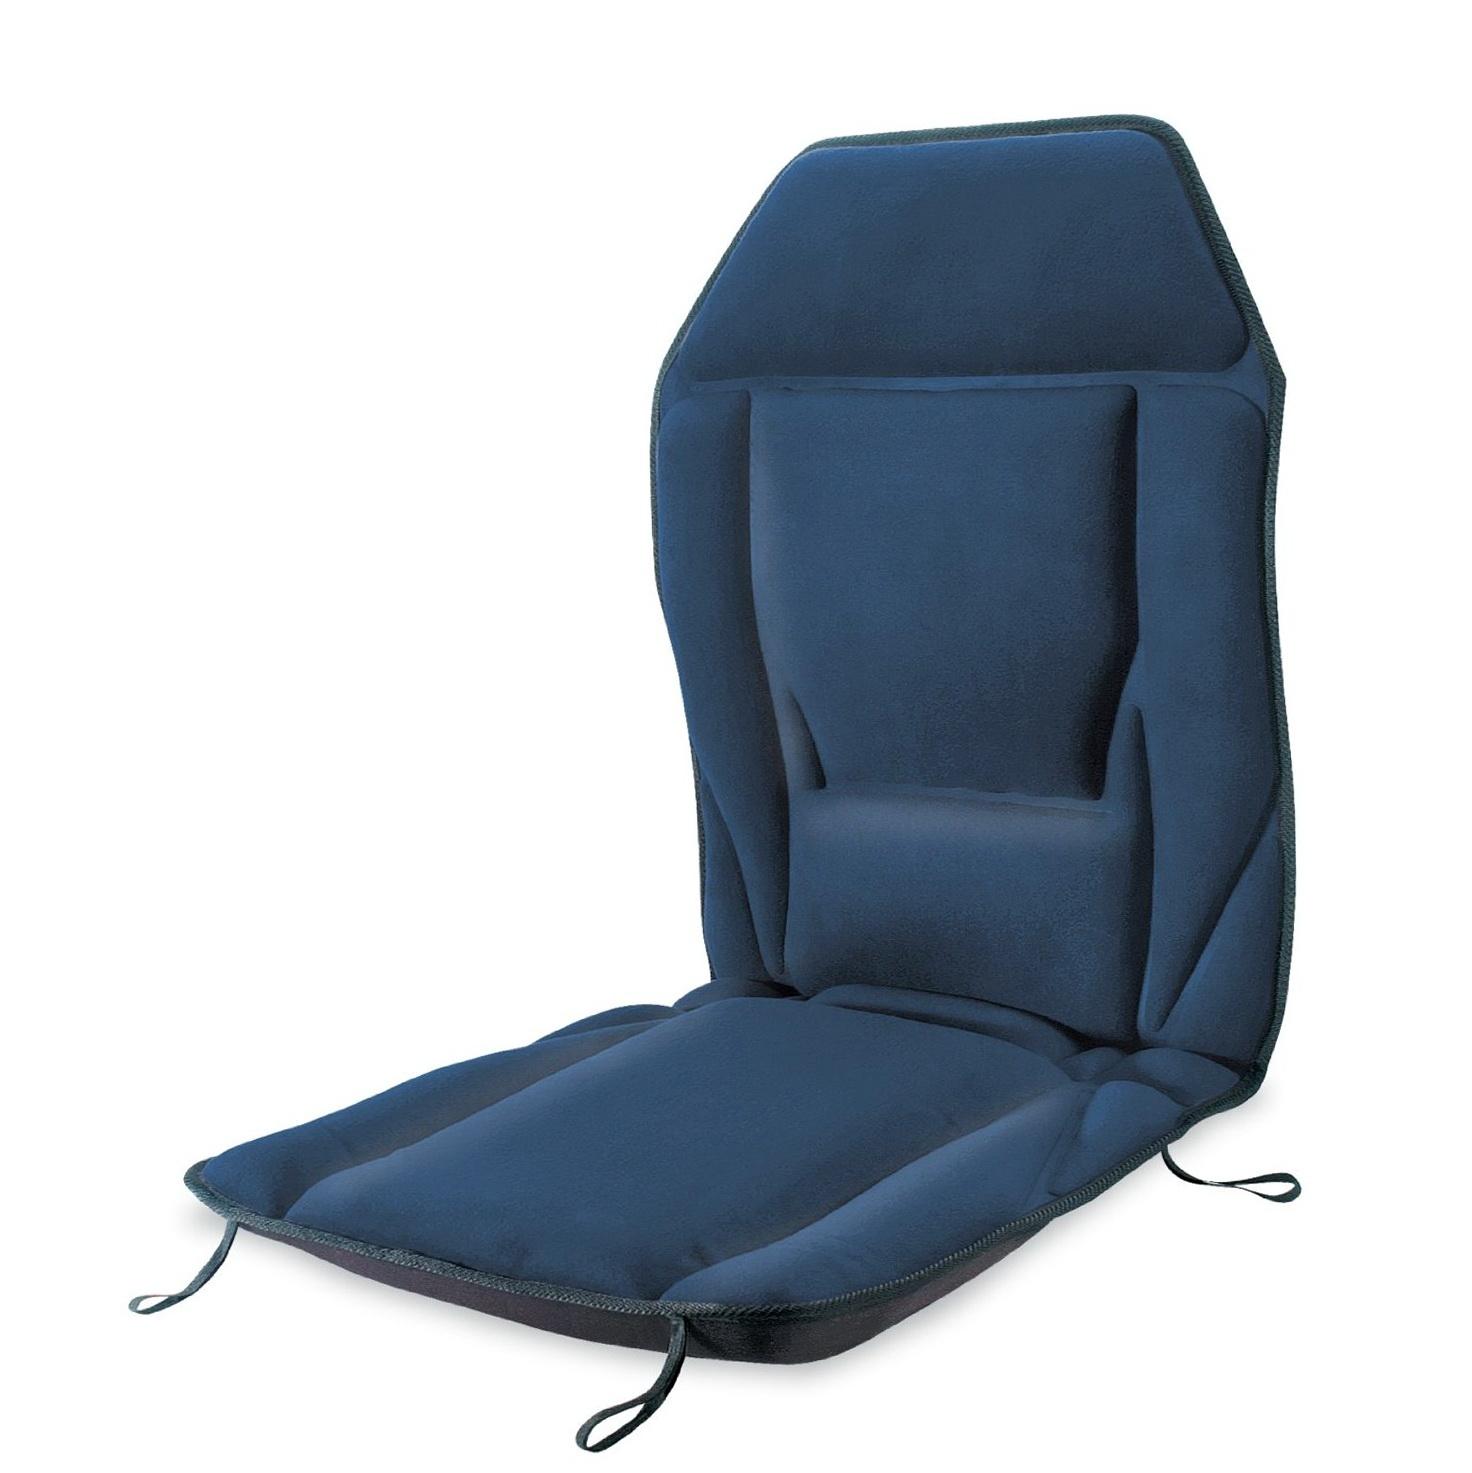 Memory Foam Chair Cushion Amazon Home Design Ideas